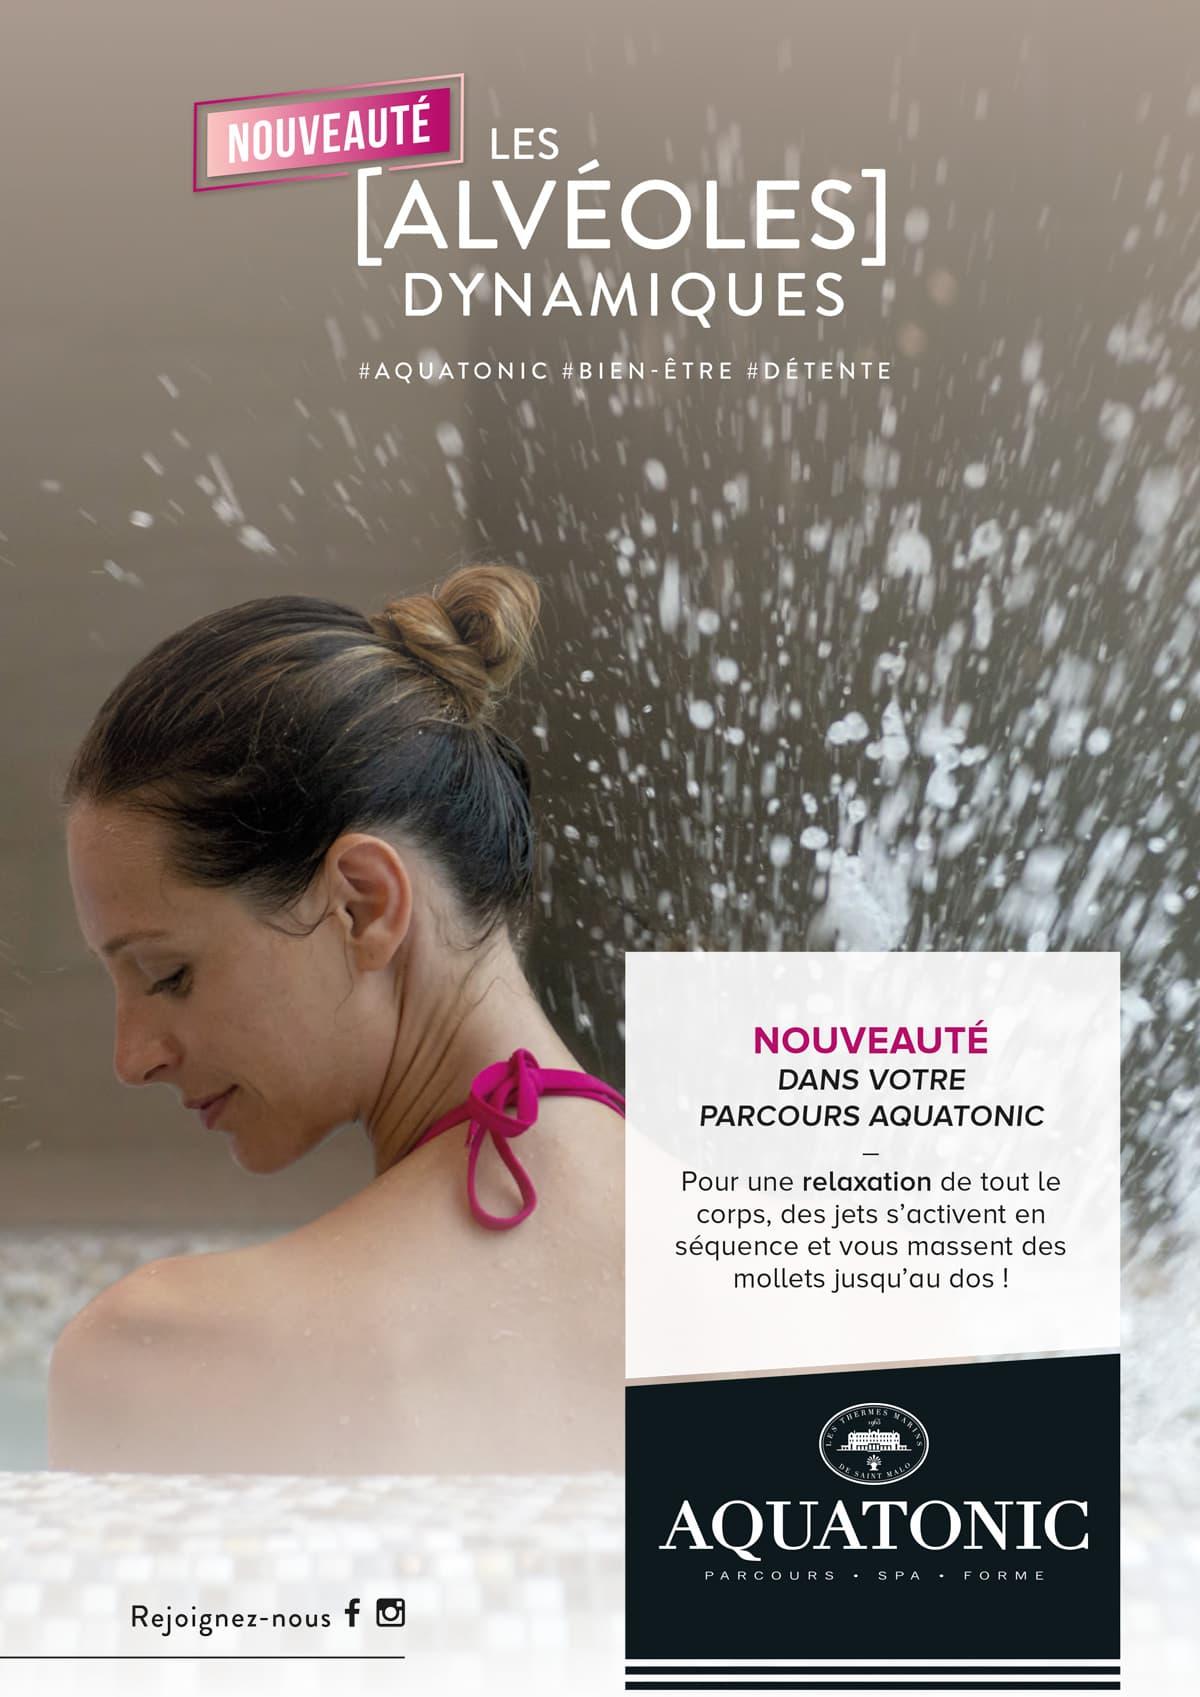 Nouveau à Rennes : Alvéoles dynamique